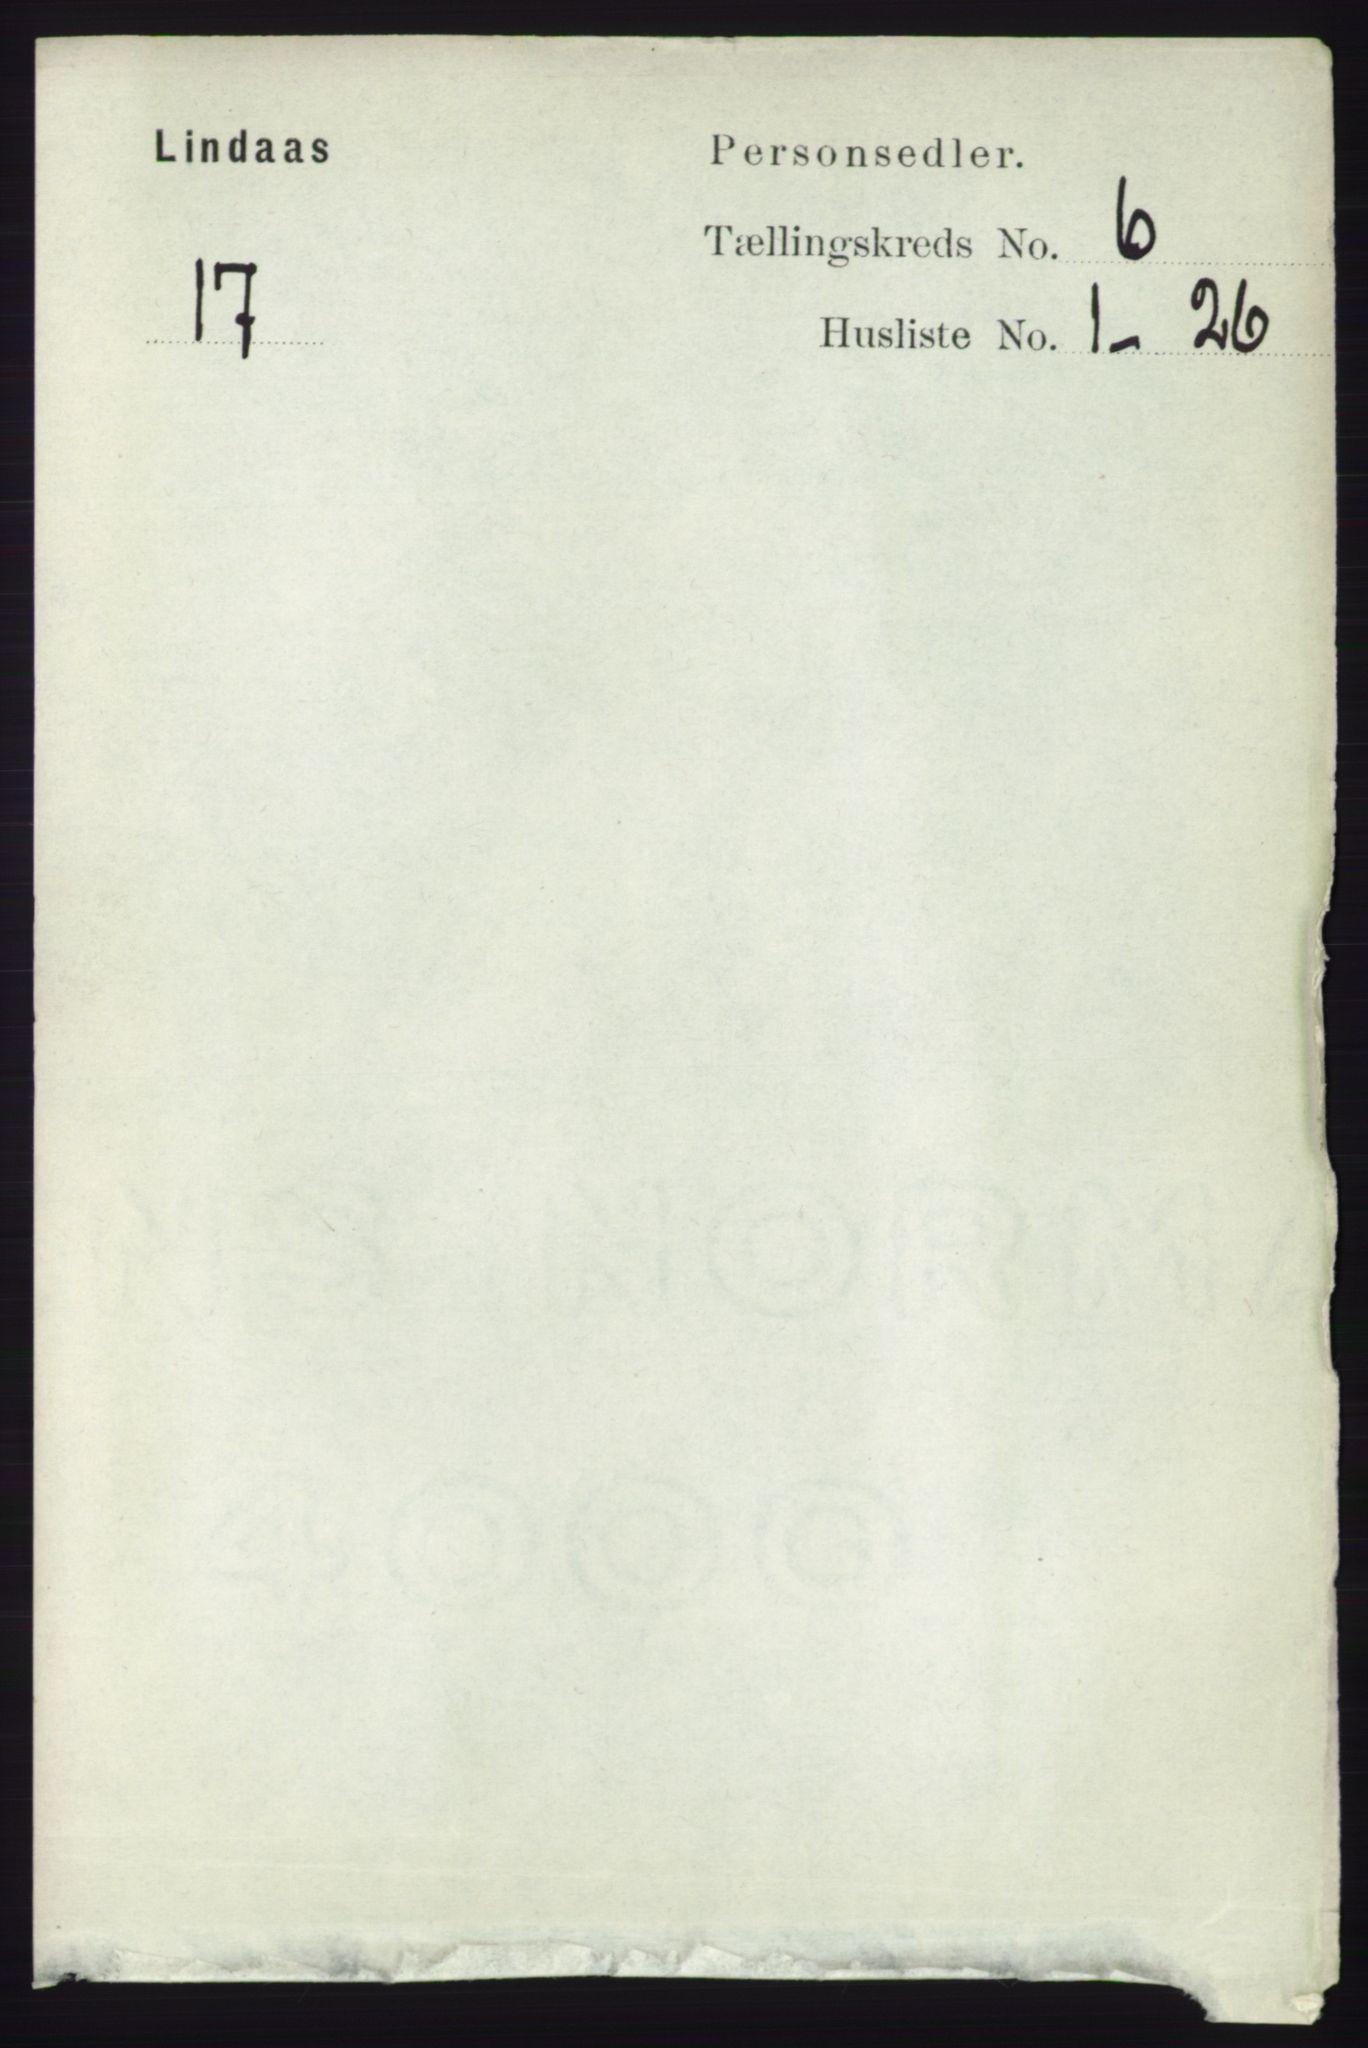 RA, Folketelling 1891 for 1263 Lindås herred, 1891, s. 1847